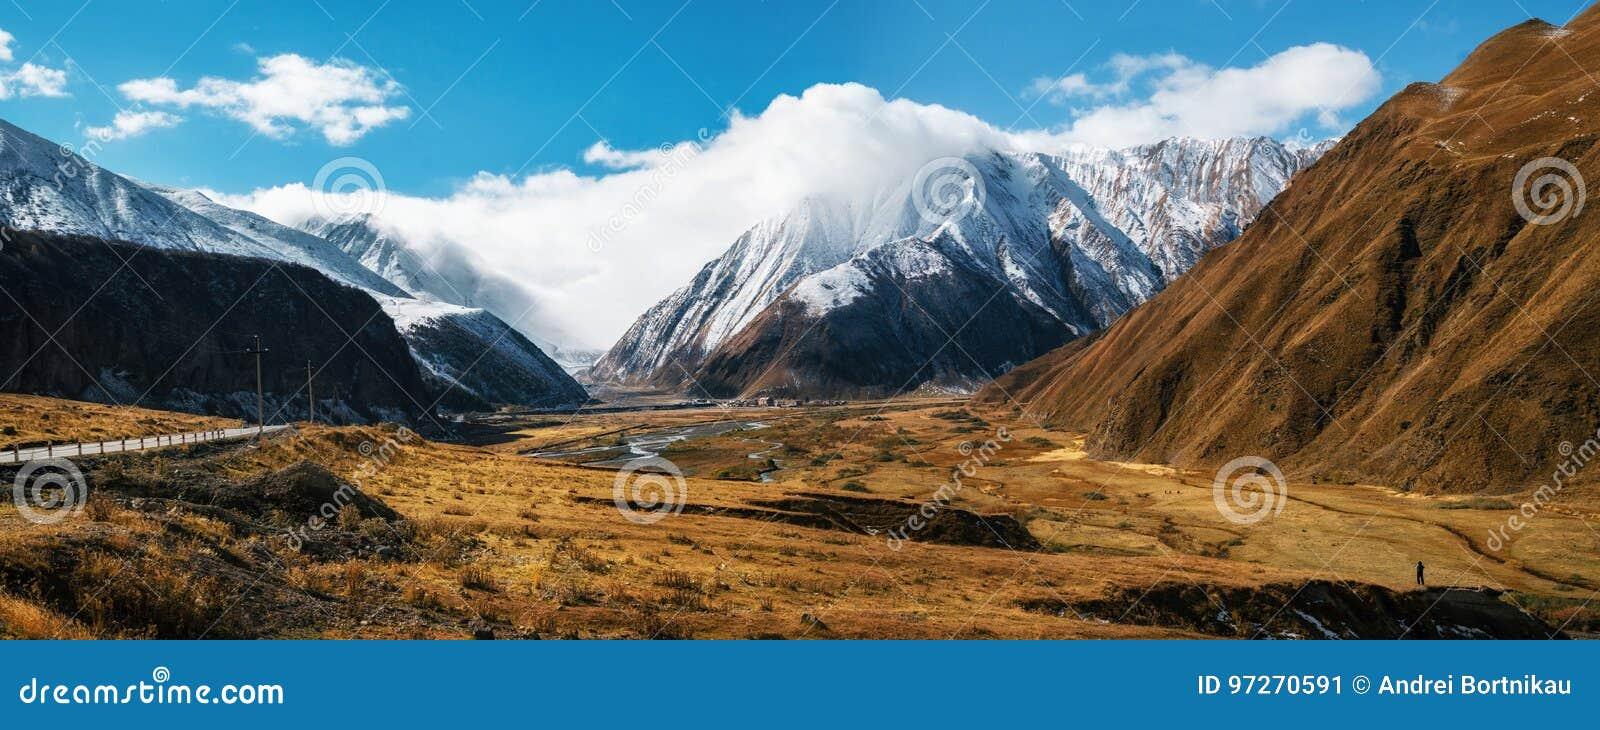 Camino militar georgiano y montañas caucásicas